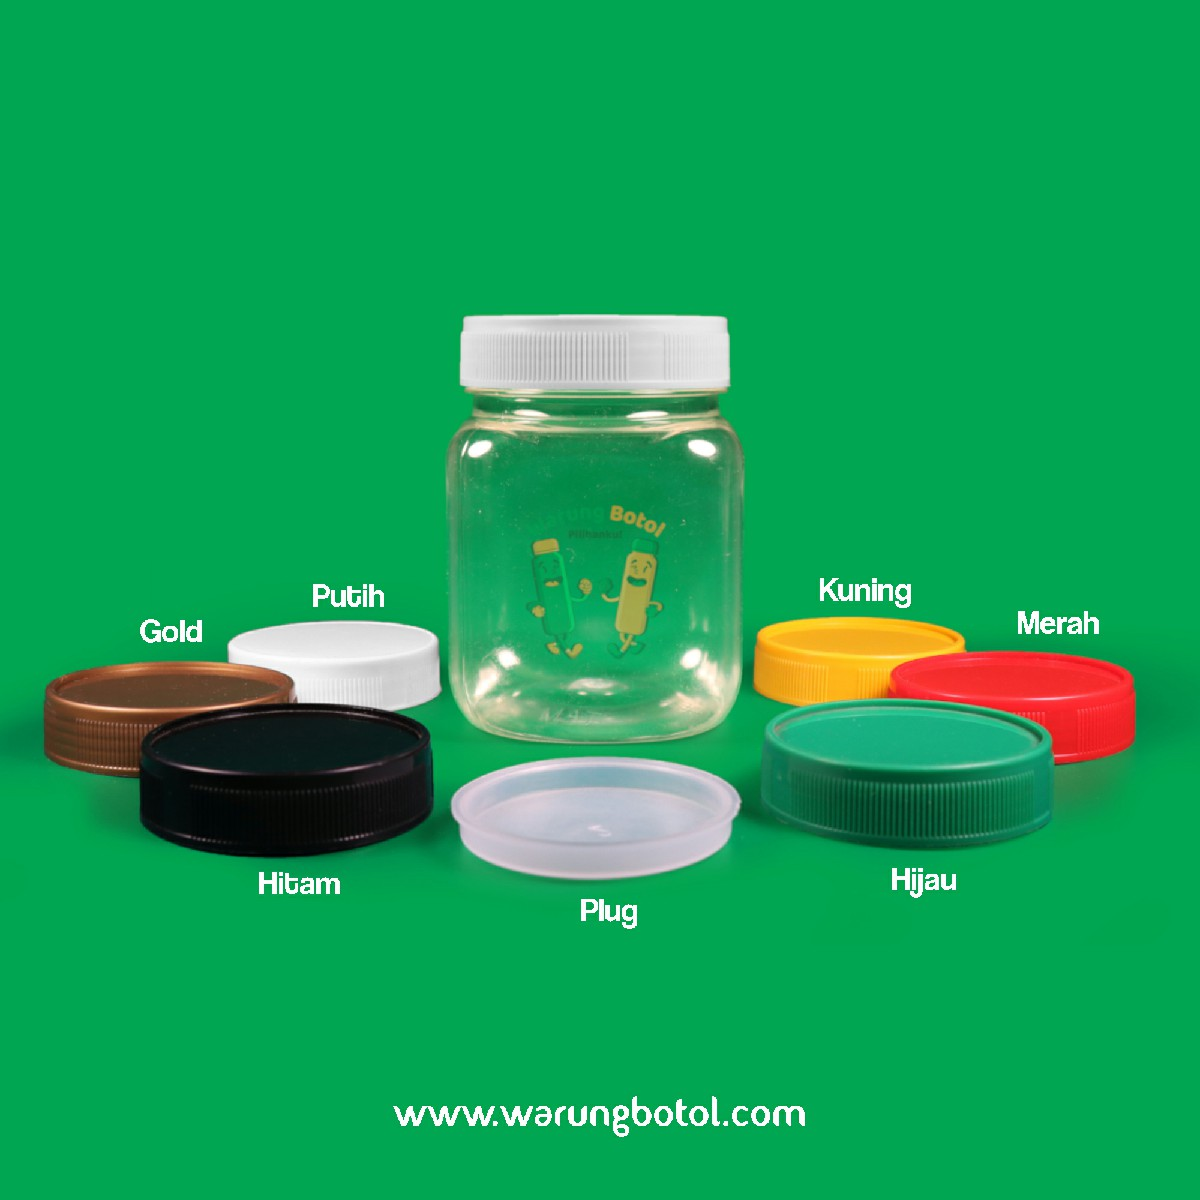 distributor toko jual toples botol plastik sambal kotak 210ml murah untuk sambel terdekat di bandung, jakarta, bekasi, bogor